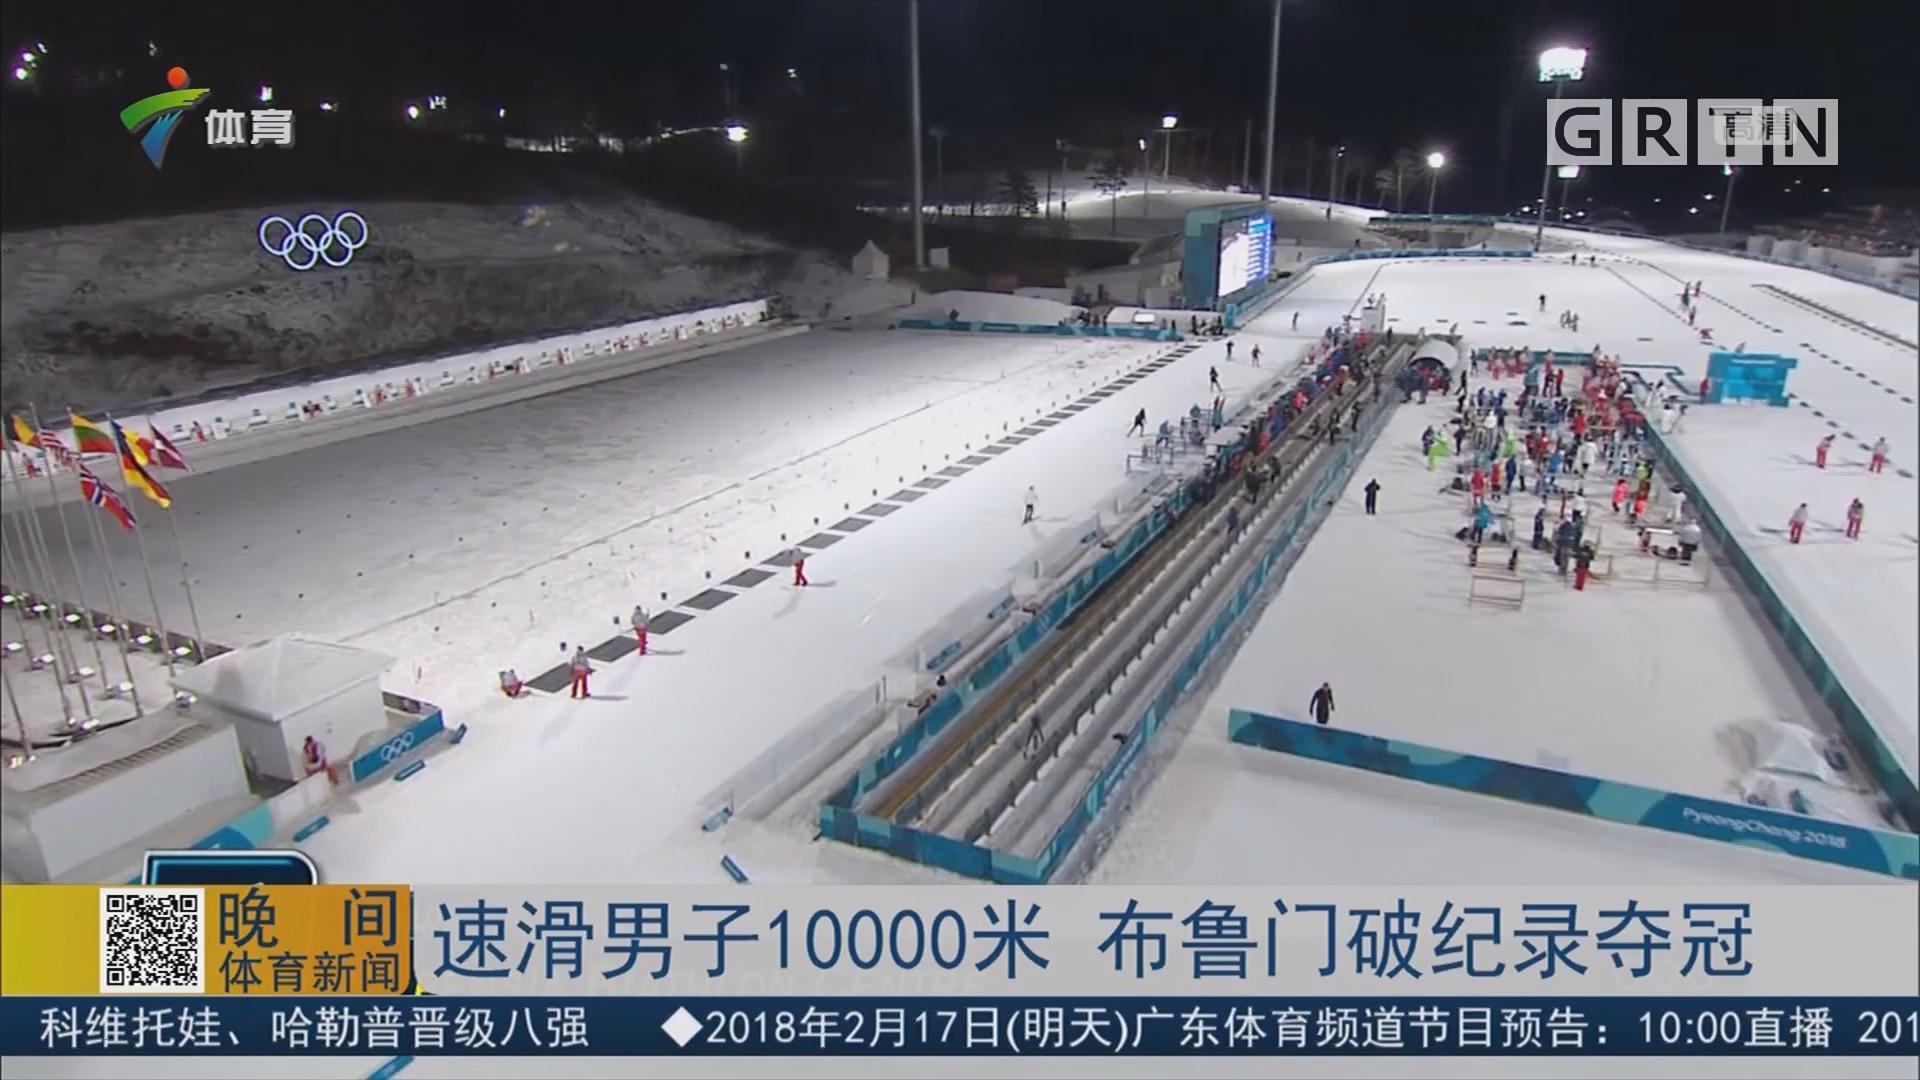 速滑男子10000米 布鲁门破纪录夺冠